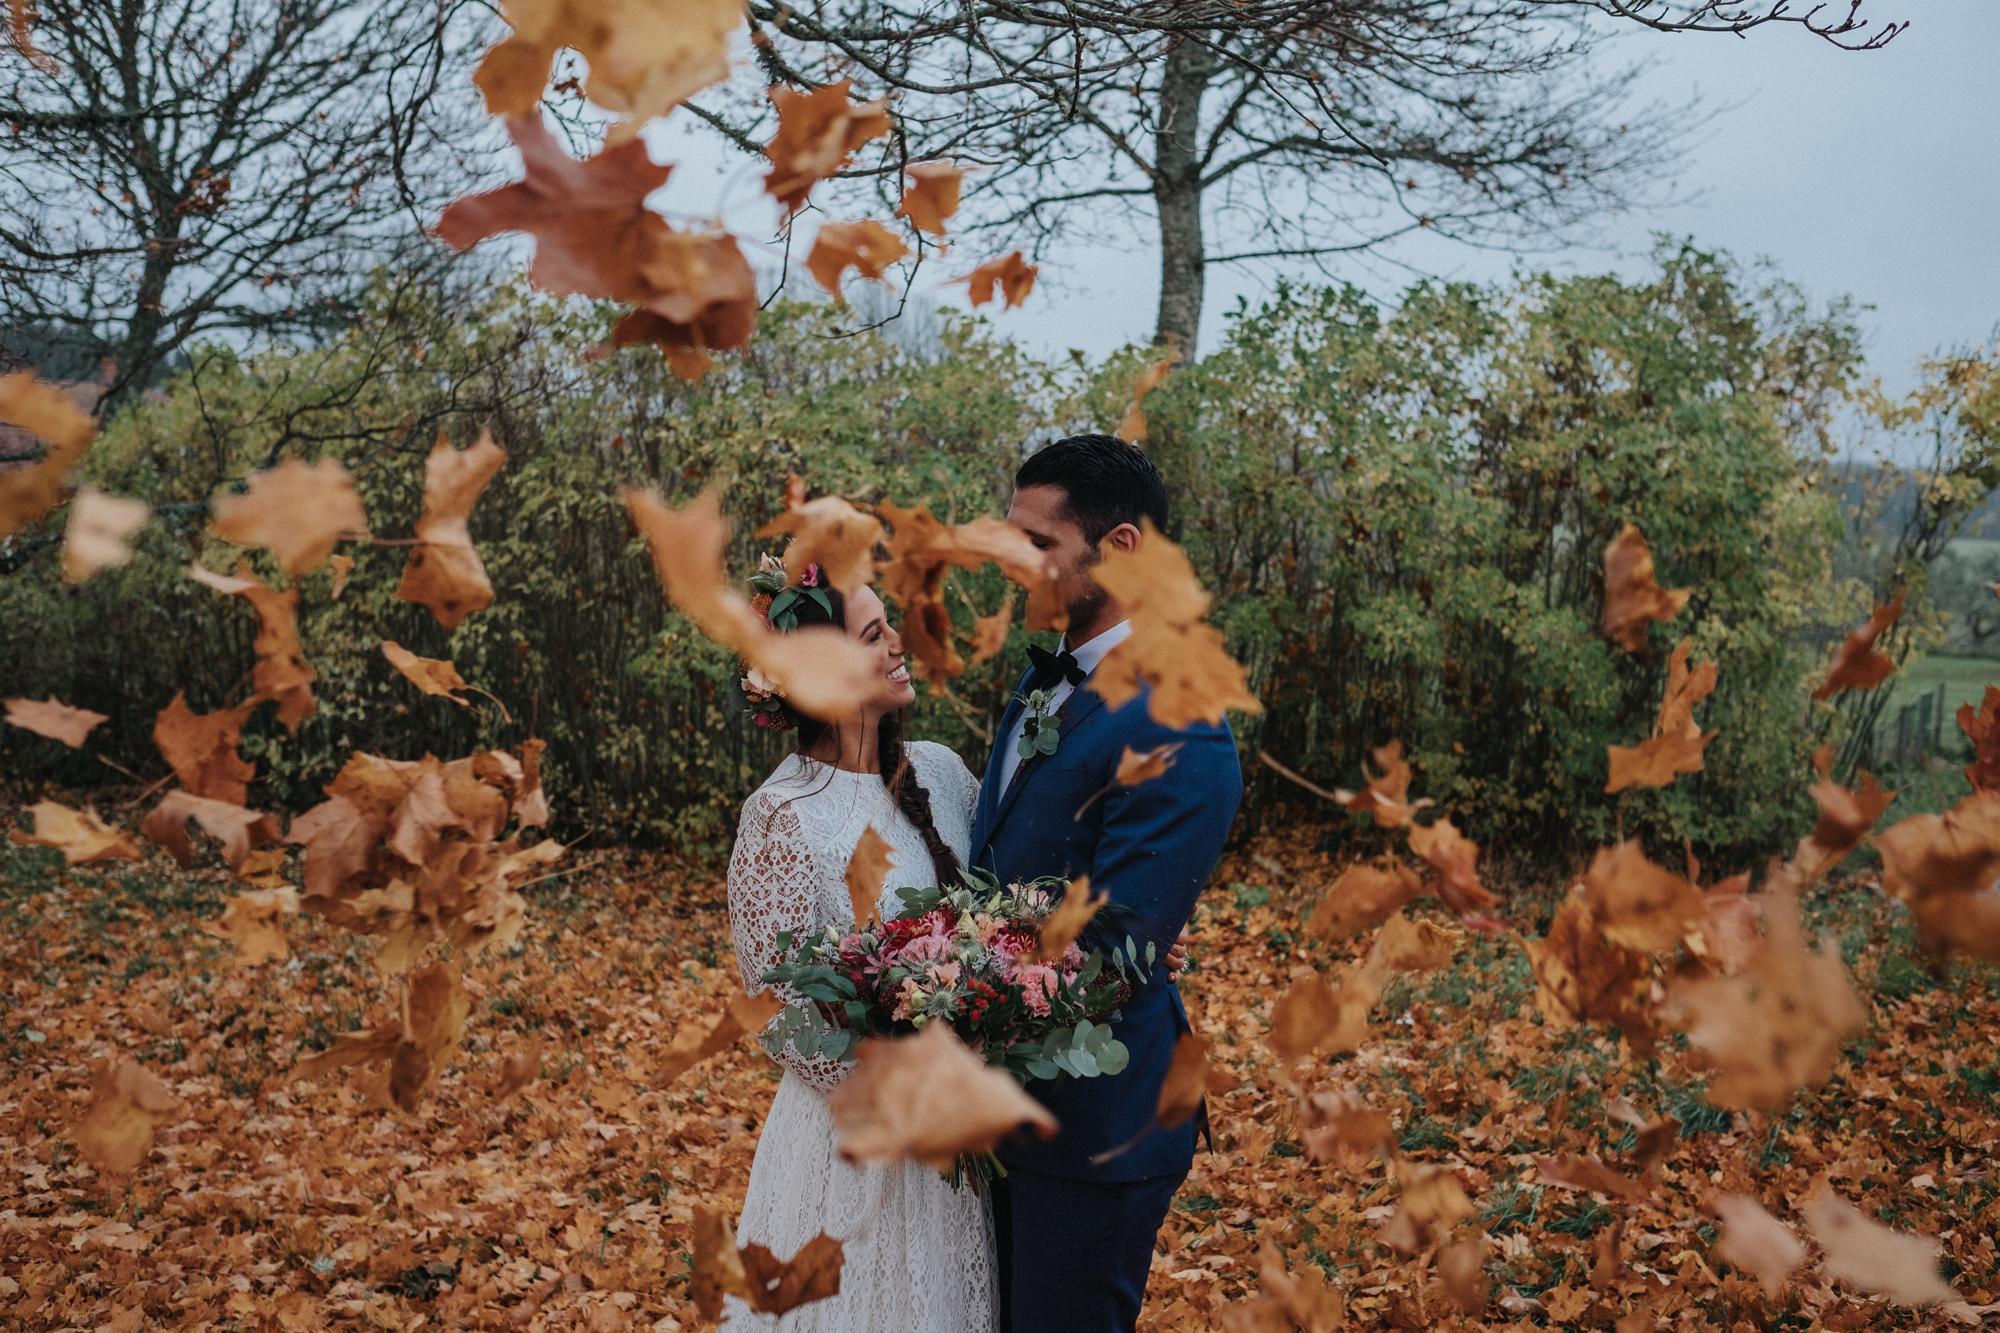 029-bröllopsfotograf-lydinge-neas-fotografi.jpg